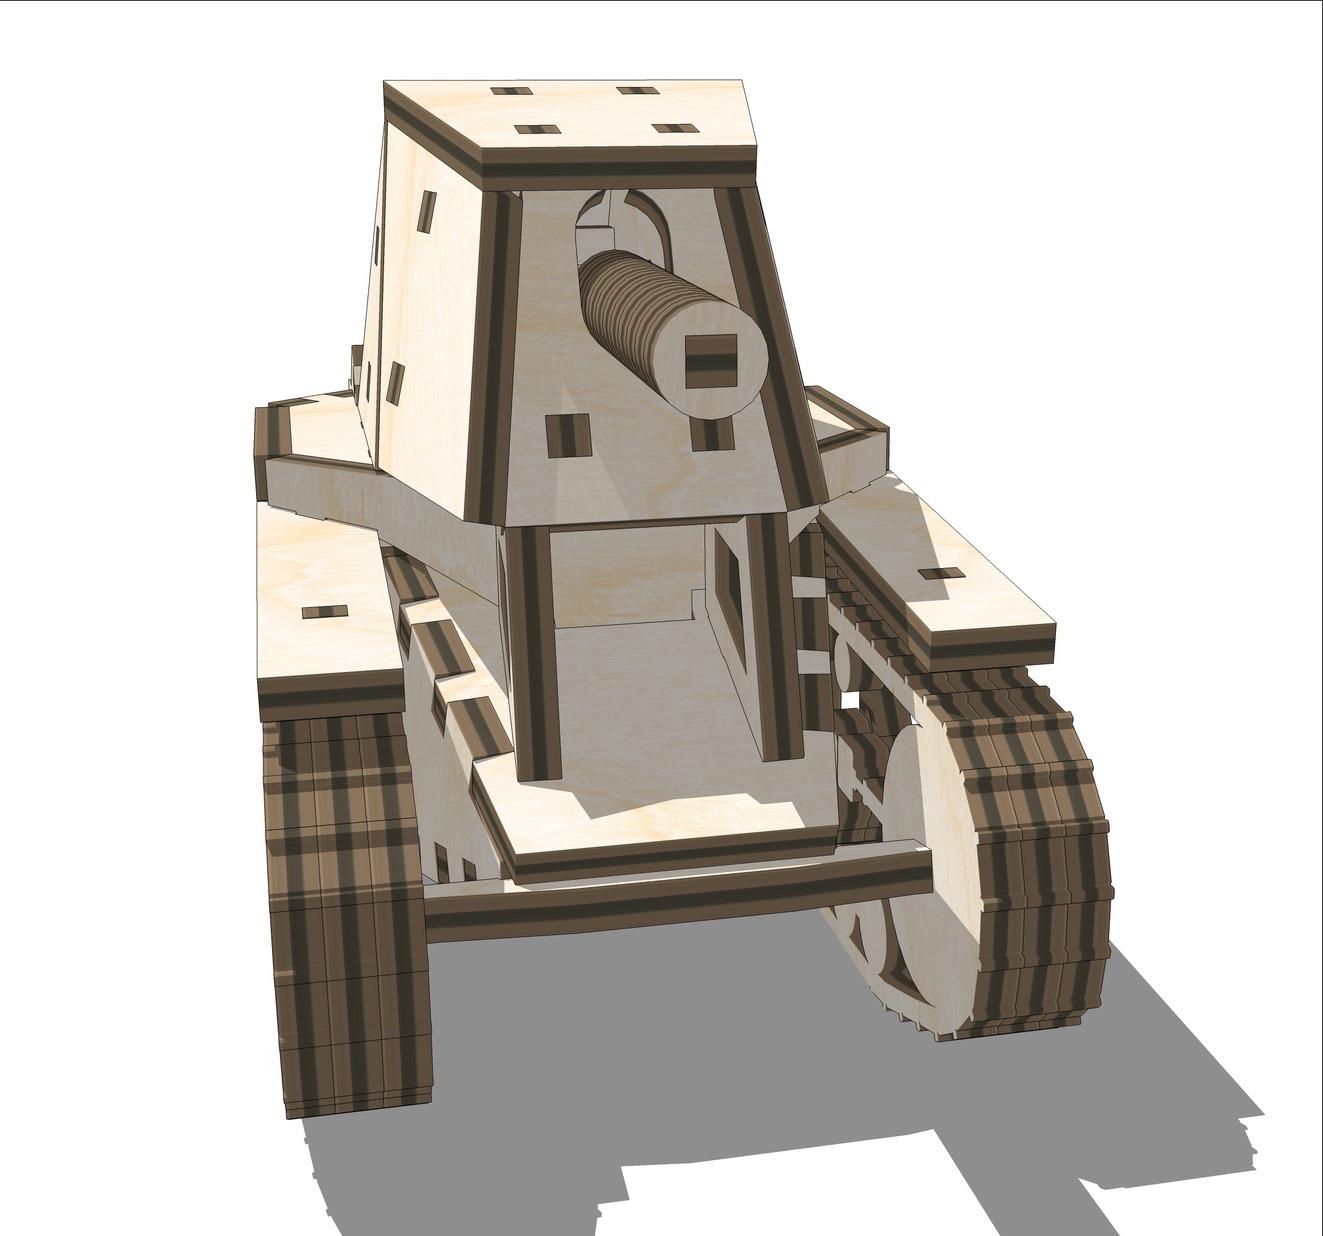 Laser Cut Tank SU-18 Wooden 3D Puzzle Free Vector